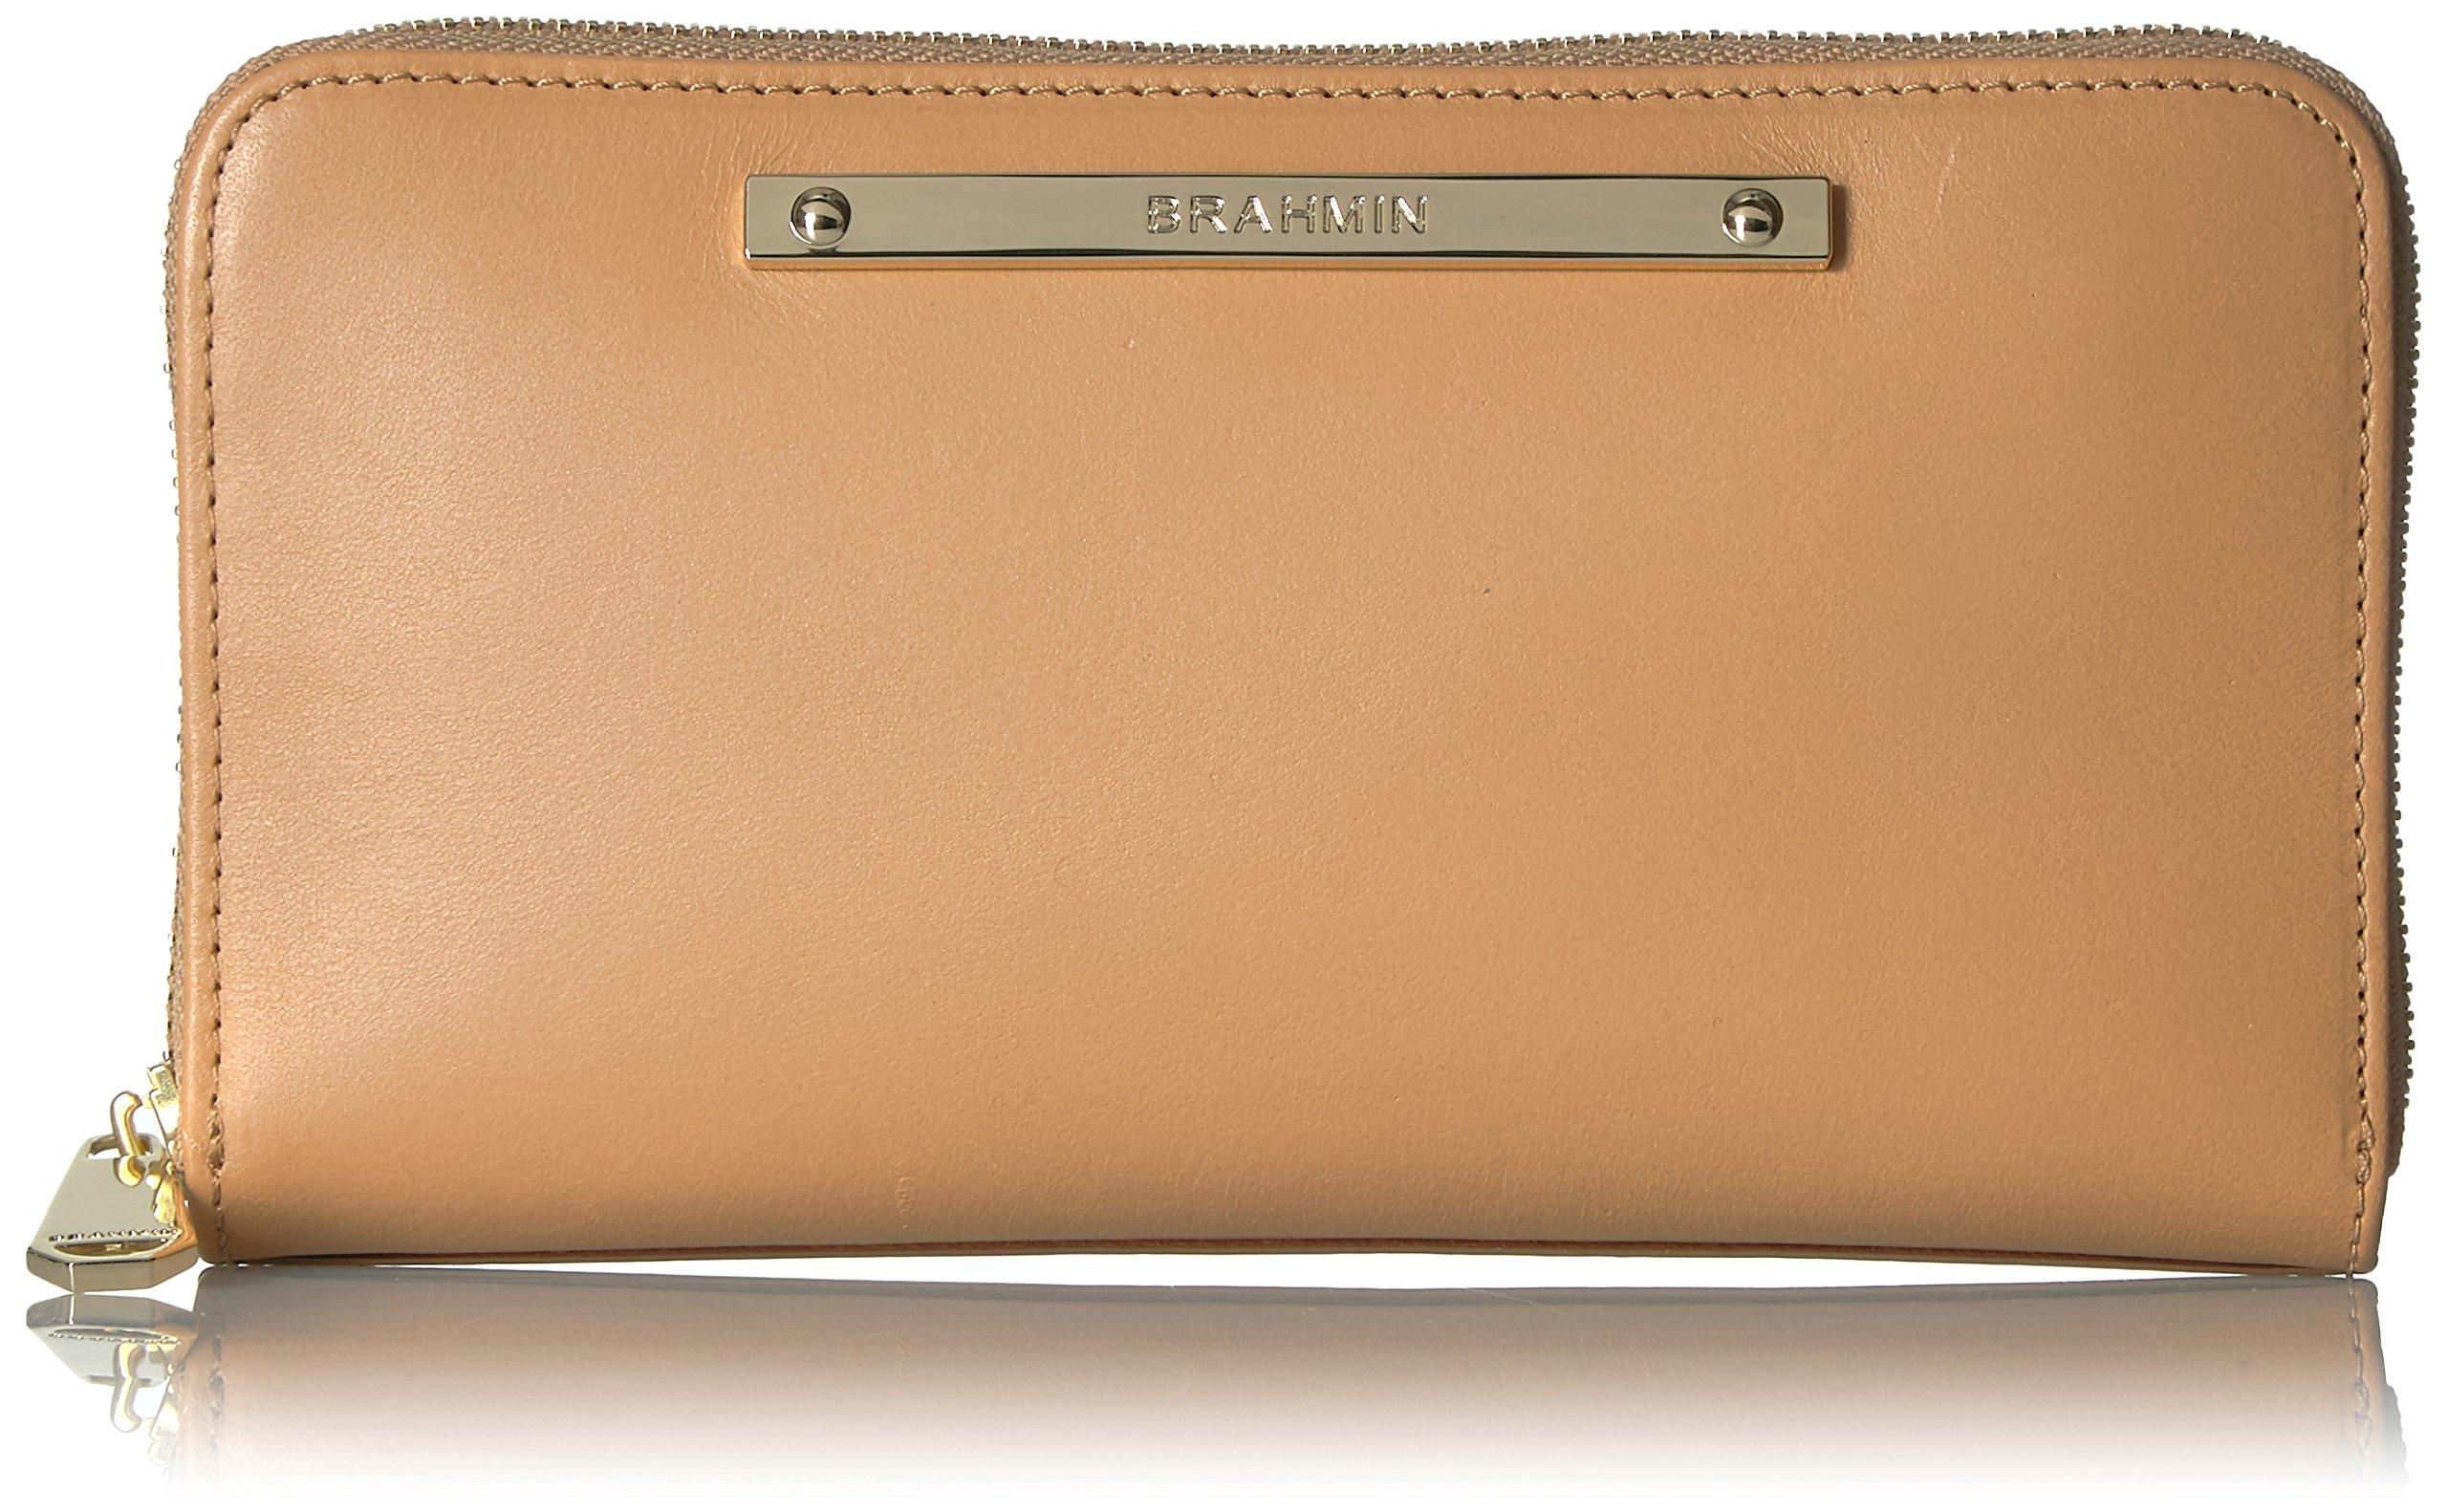 Suri Wallet, Creme, One Size by Brahmin